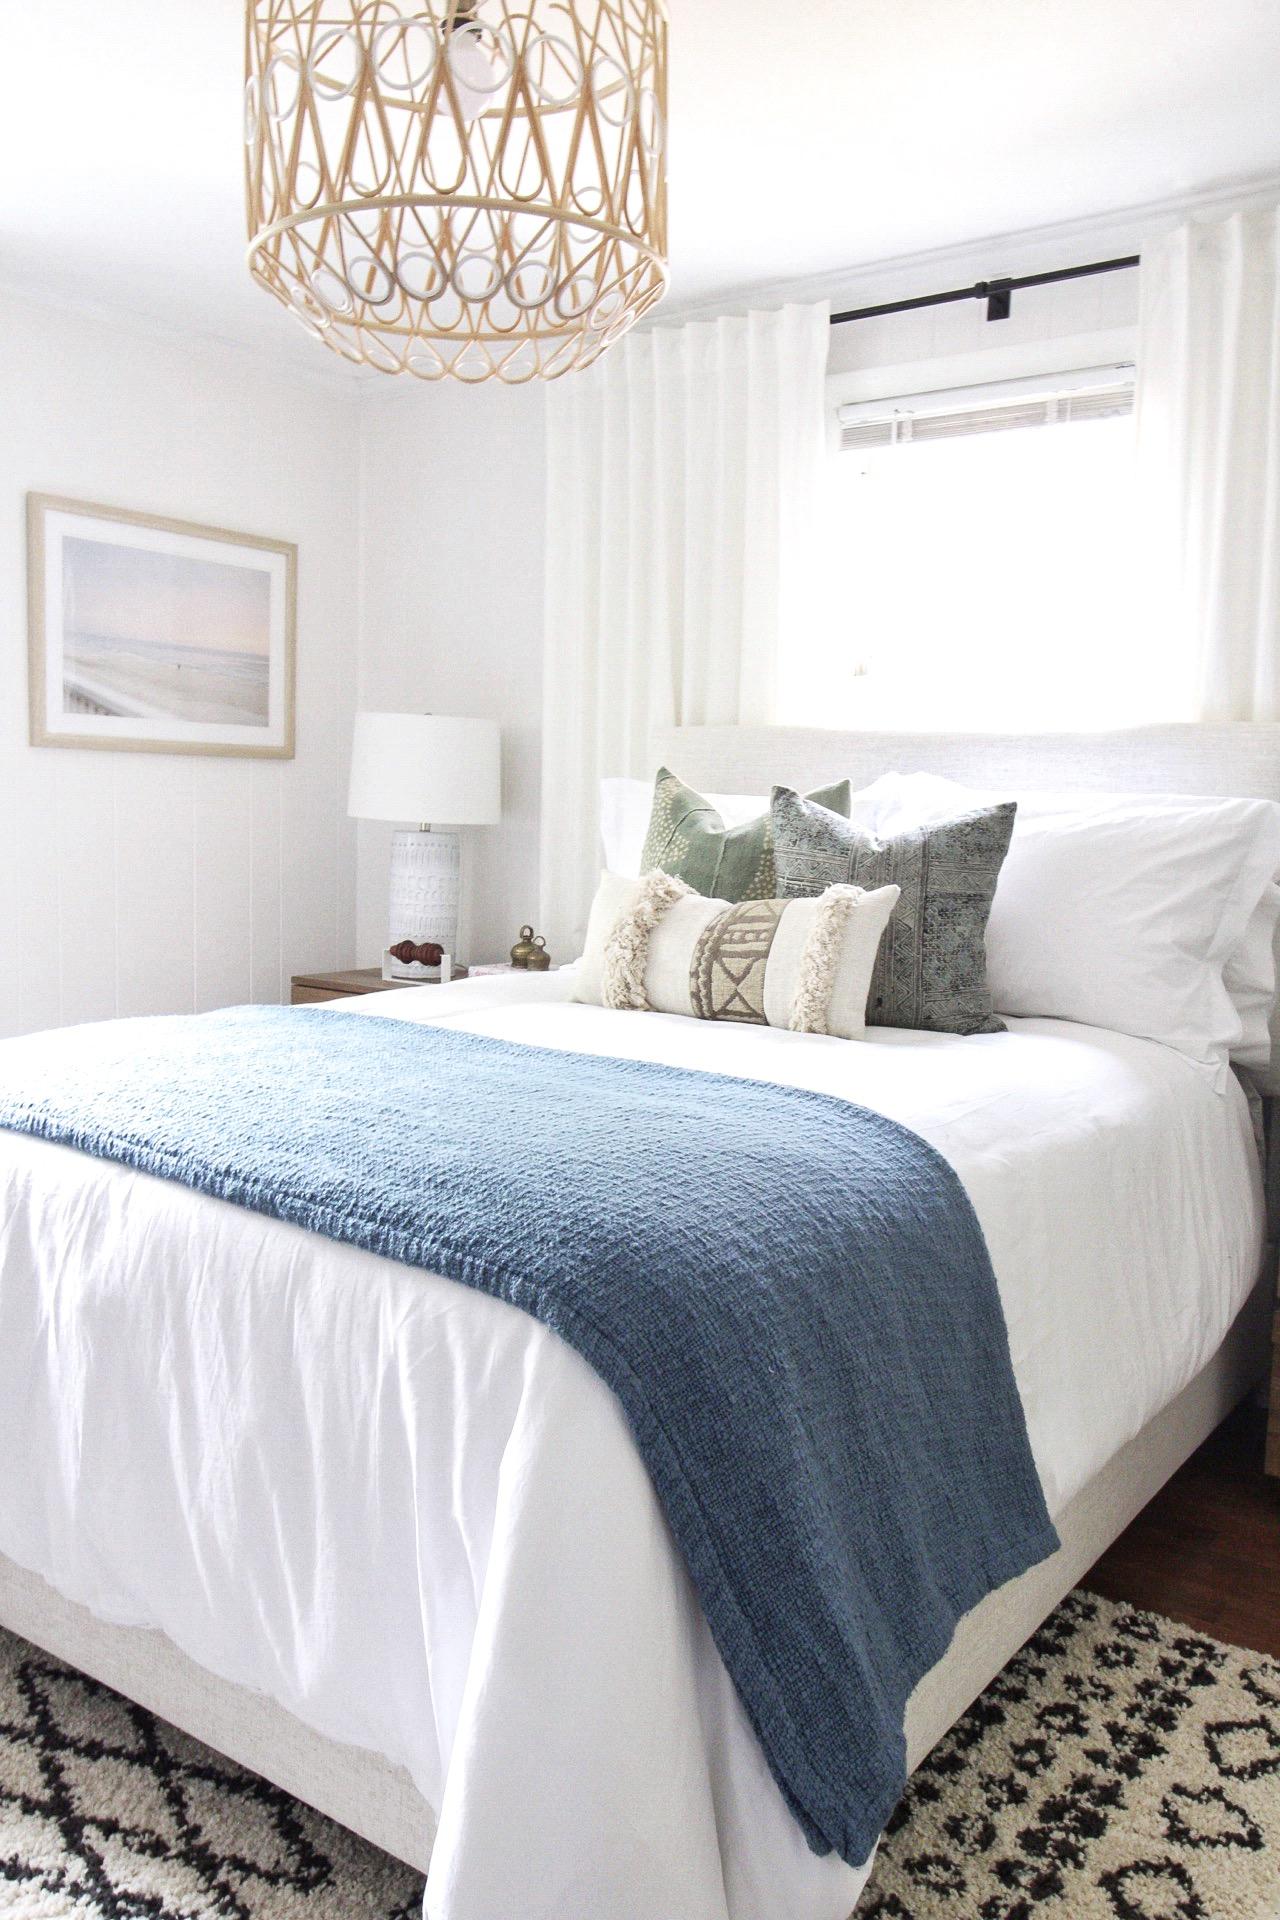 تكشف غرفة نوم الضيوف الساحلية – نظرة أولى إلى المنزل الجديد